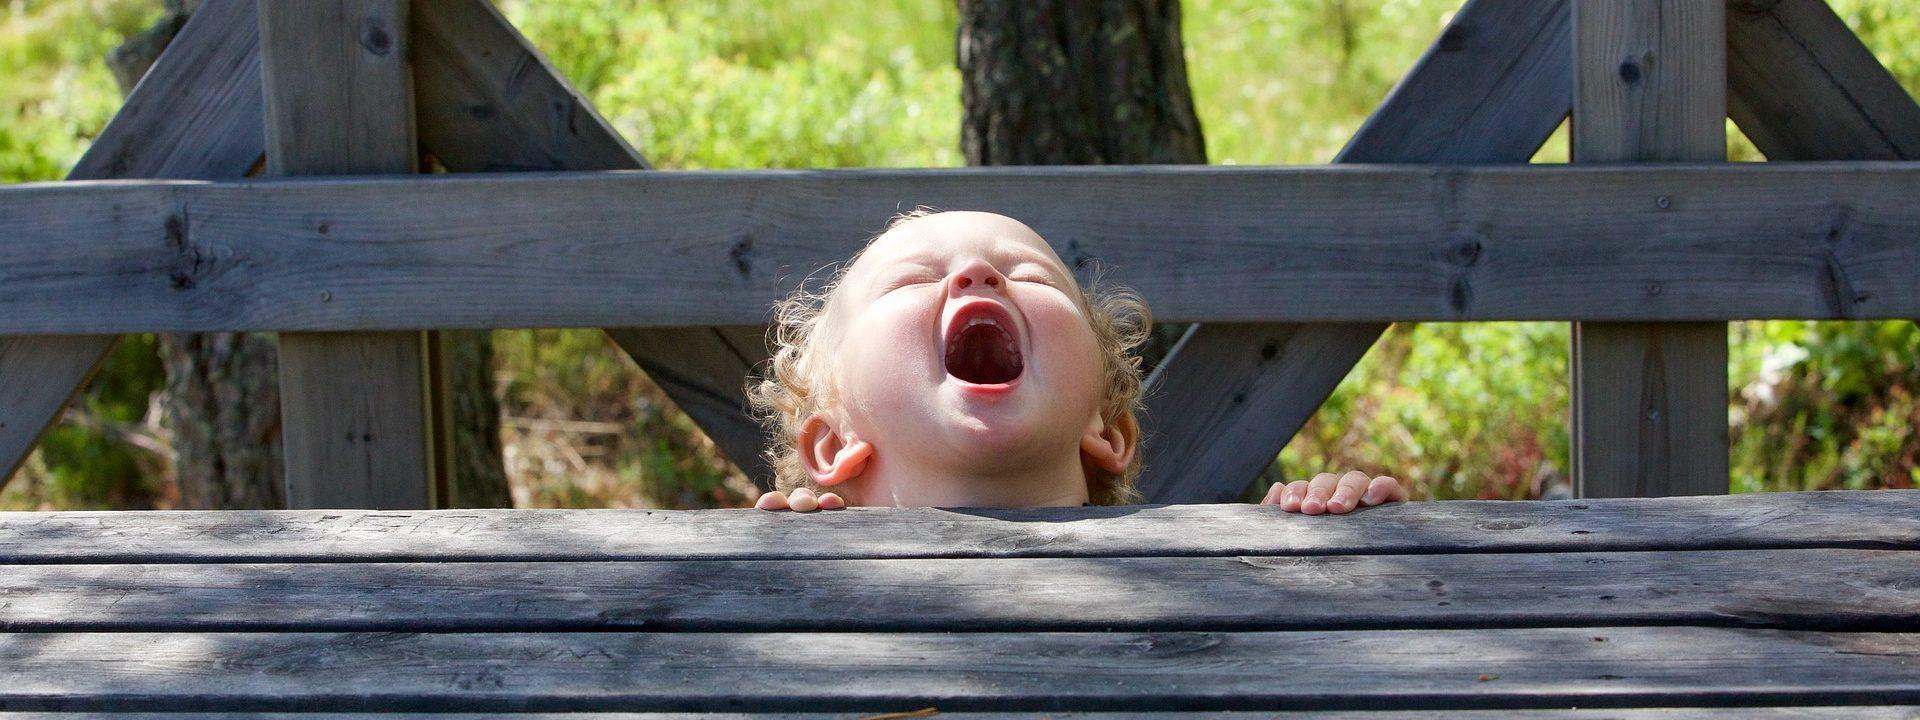 Estressem als nens i ens estressem nosaltres?